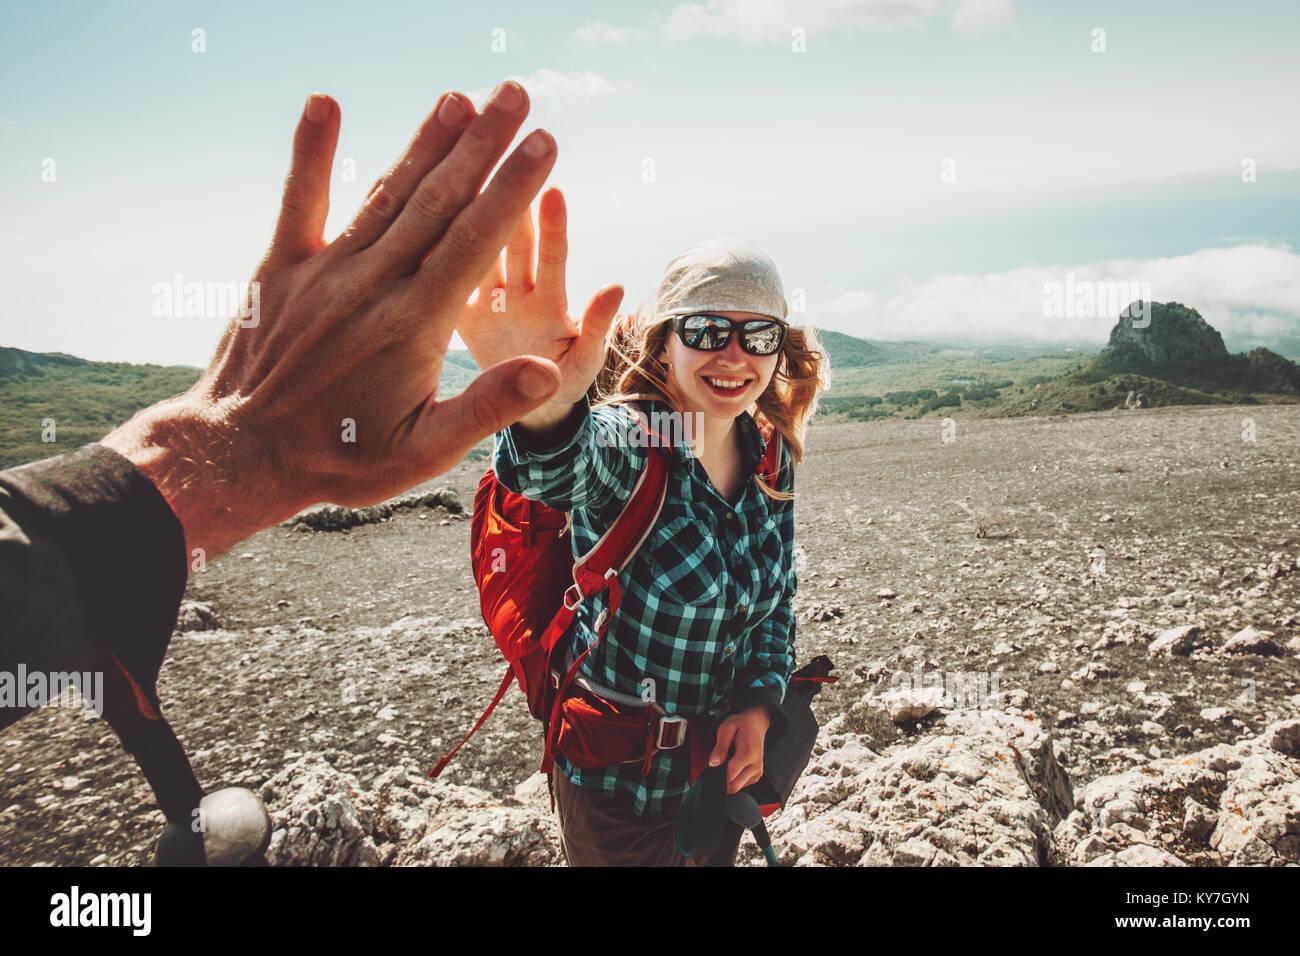 Feliz amigos dando cinco manos viajar a las montañas Viajes concepto emociones positivas en el estilo de vida. Imagen De Stock